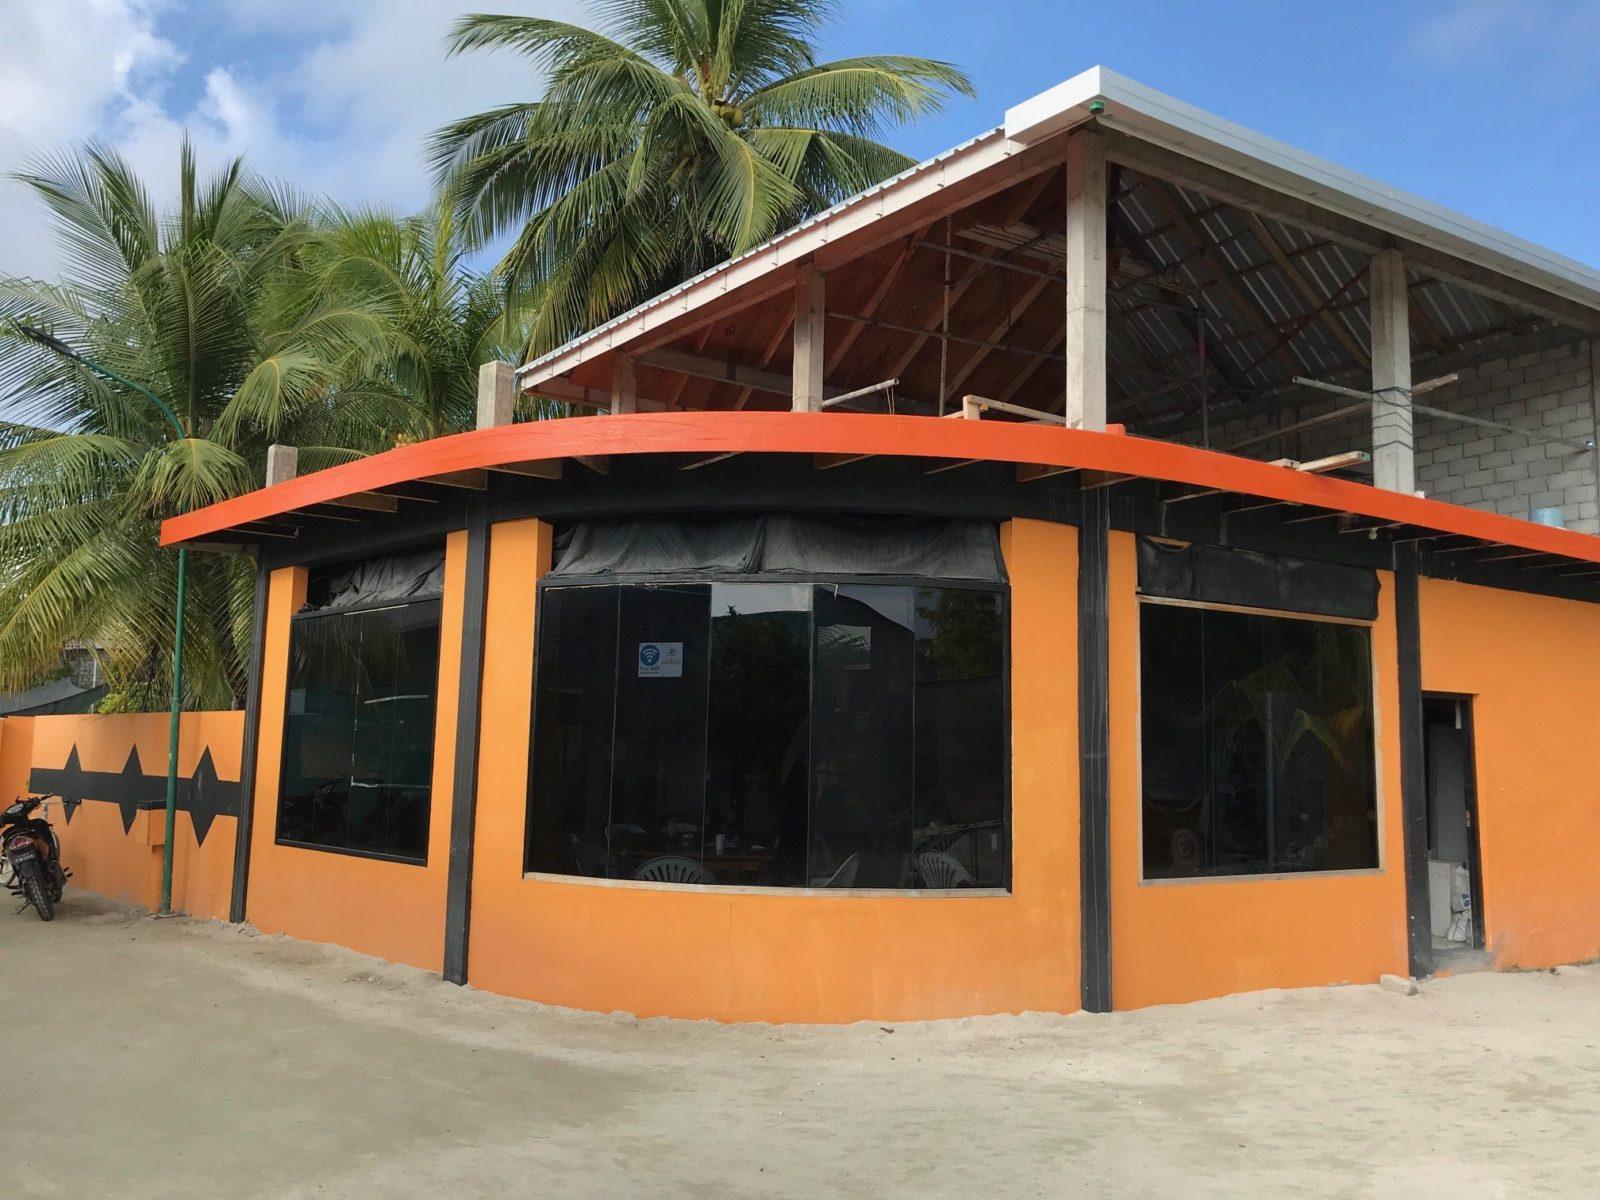 ресторан Second Home на острове Мативери, Мальдивы